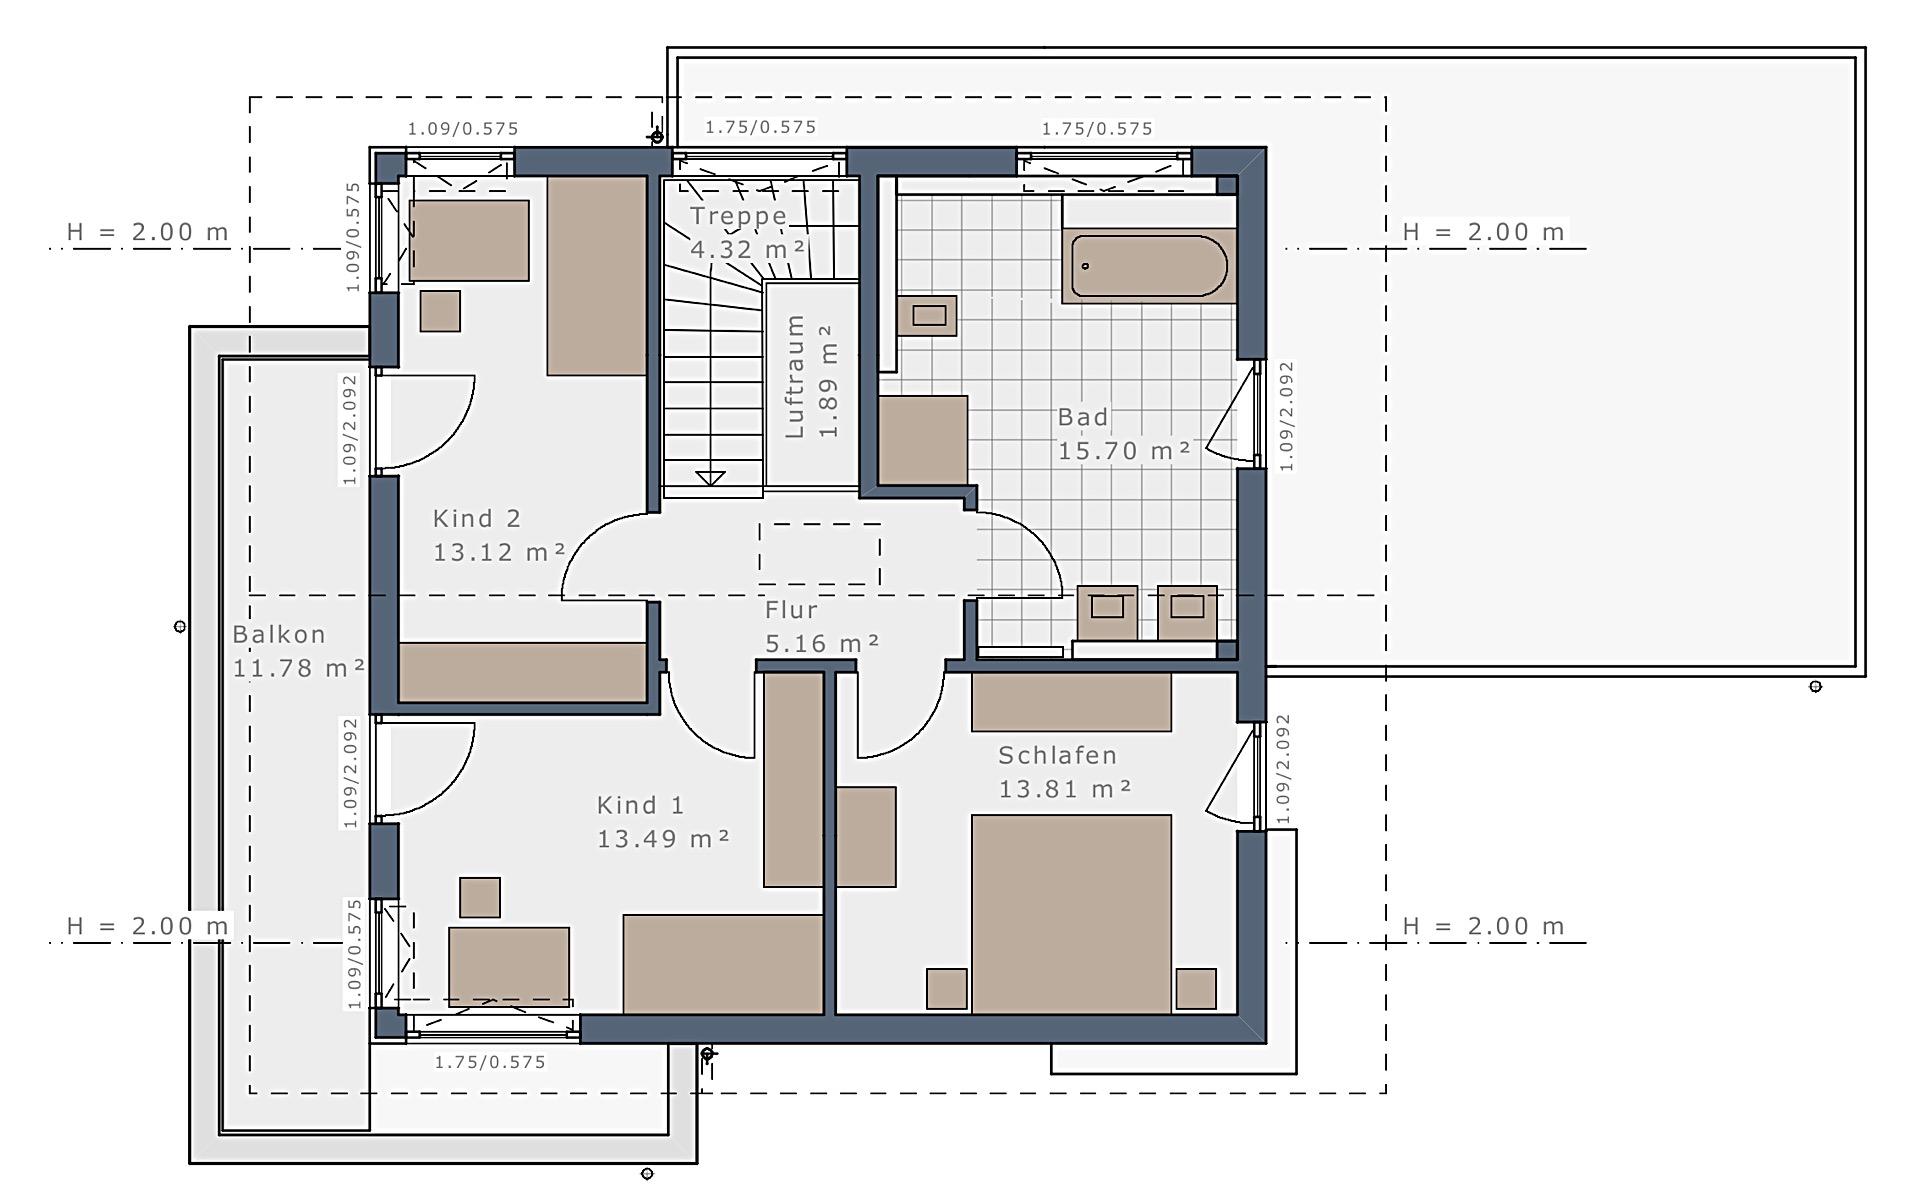 Dachgeschoss Sensation-E-133 E6 von Schwabenhaus GmbH & Co. KG